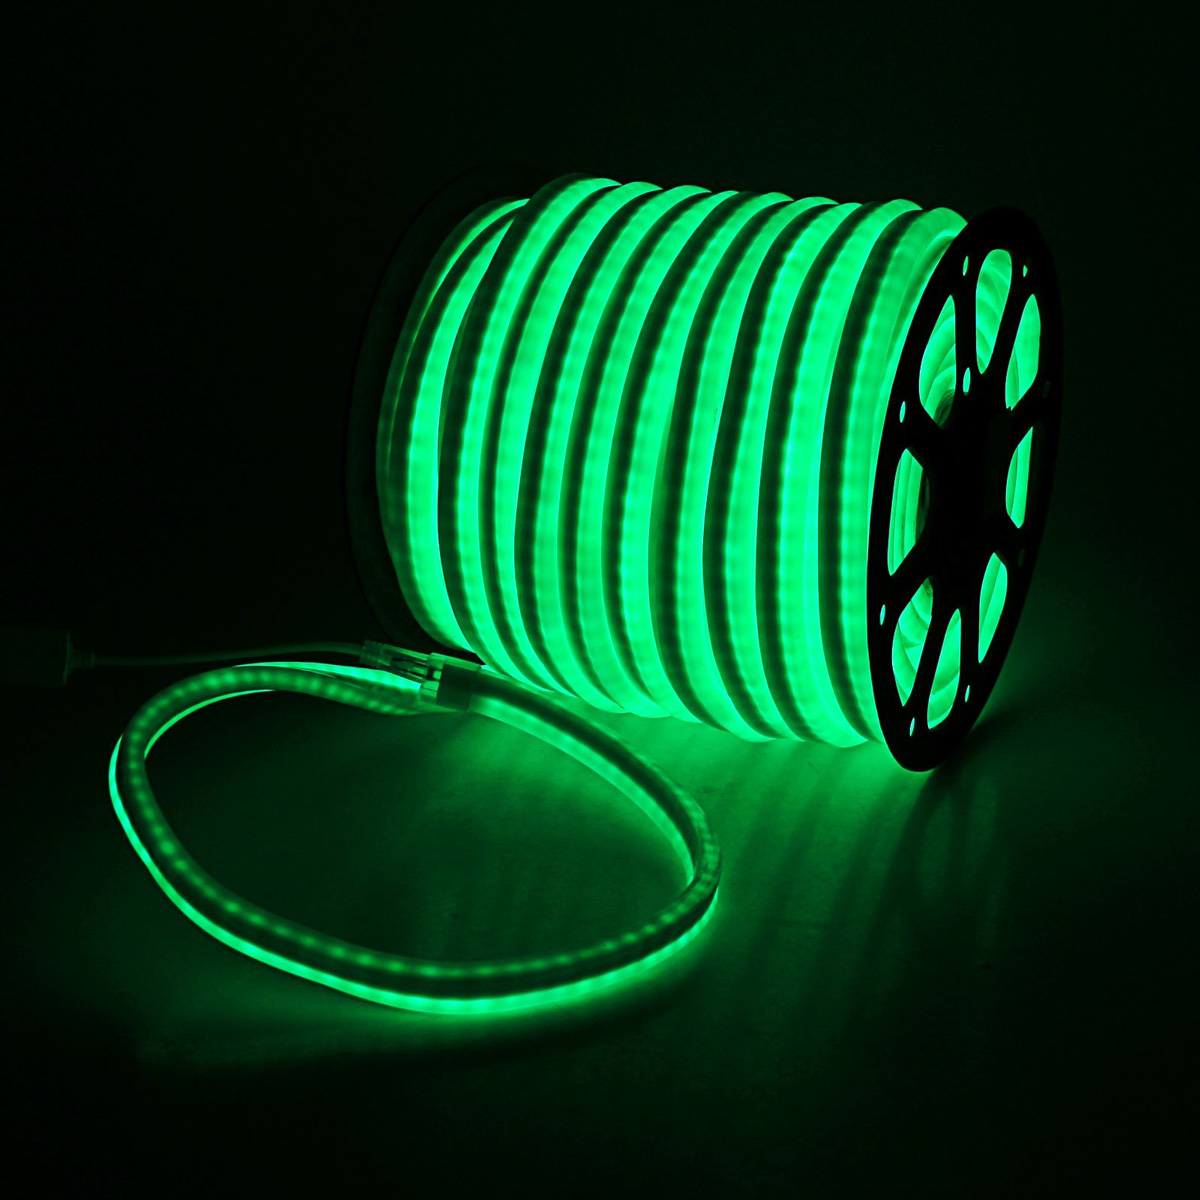 Гирлянда светодиодная Sima-land, 80 ламп, 220 V, цвет: зеленый, 1,2 см х 2,4 см х 50 м. 185466185466Светодиодные гирлянды, ленты и т.д — это отличный вариант для новогоднего оформления интерьера или фасада. С их помощью помещение любого размера можно превратить в праздничный зал, а внешние элементы зданий, украшенные ими, мгновенно станут напоминать очертания сказочного дворца. Такие украшения создают ауру предвкушения чуда. Деревья, фасады, витрины, окна и арки будто специально созданы, чтобы вы украсили их светящимися нитями.